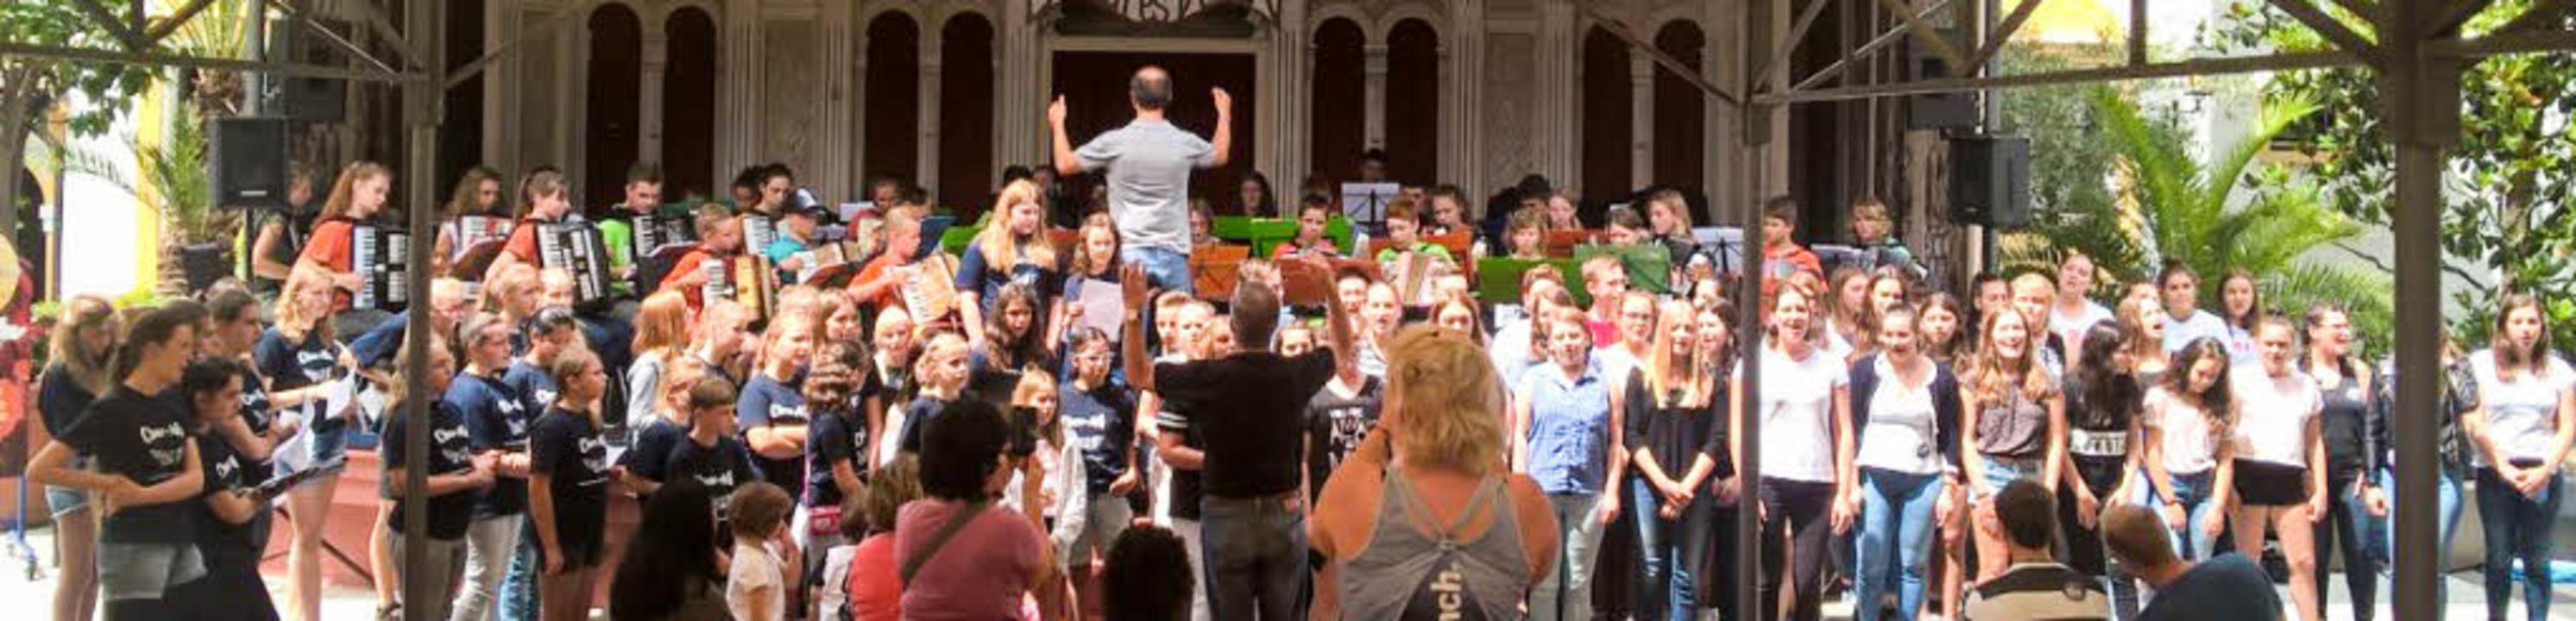 Das Projektorchester bei seinem Auftritt im Europa-Park   | Foto: Jugendmusikschule